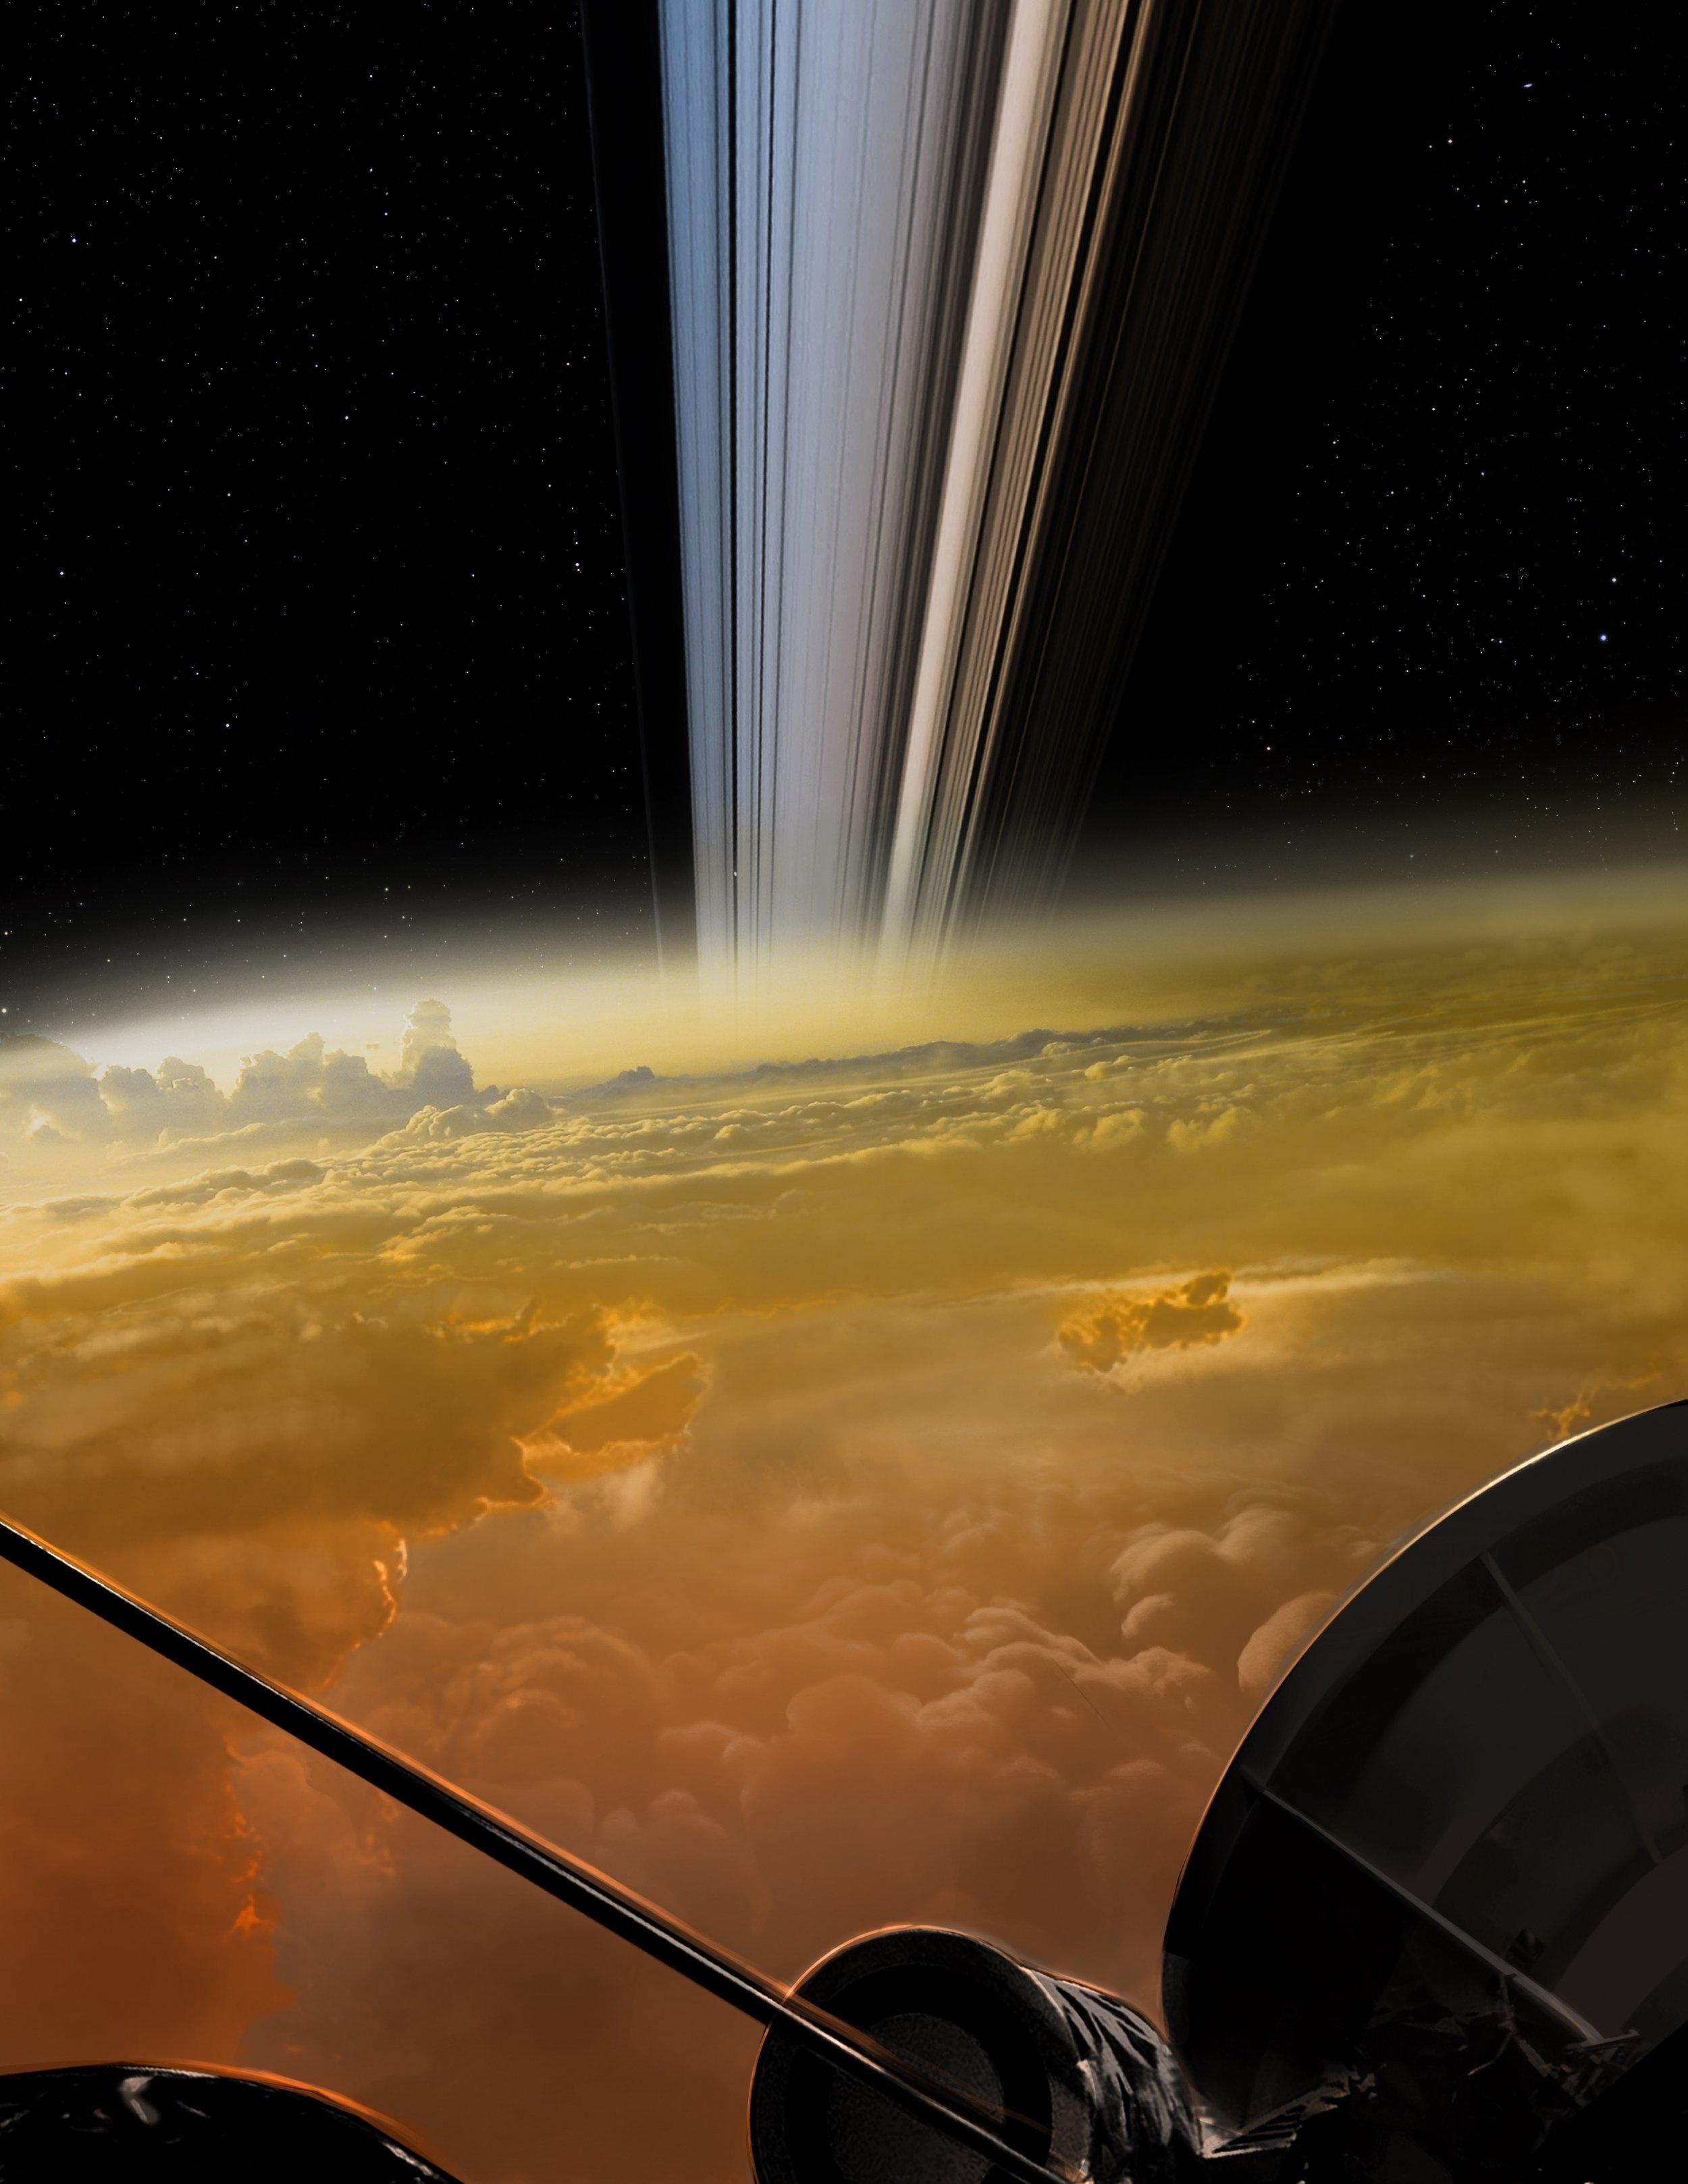 9_5_Cassini Fake Pic